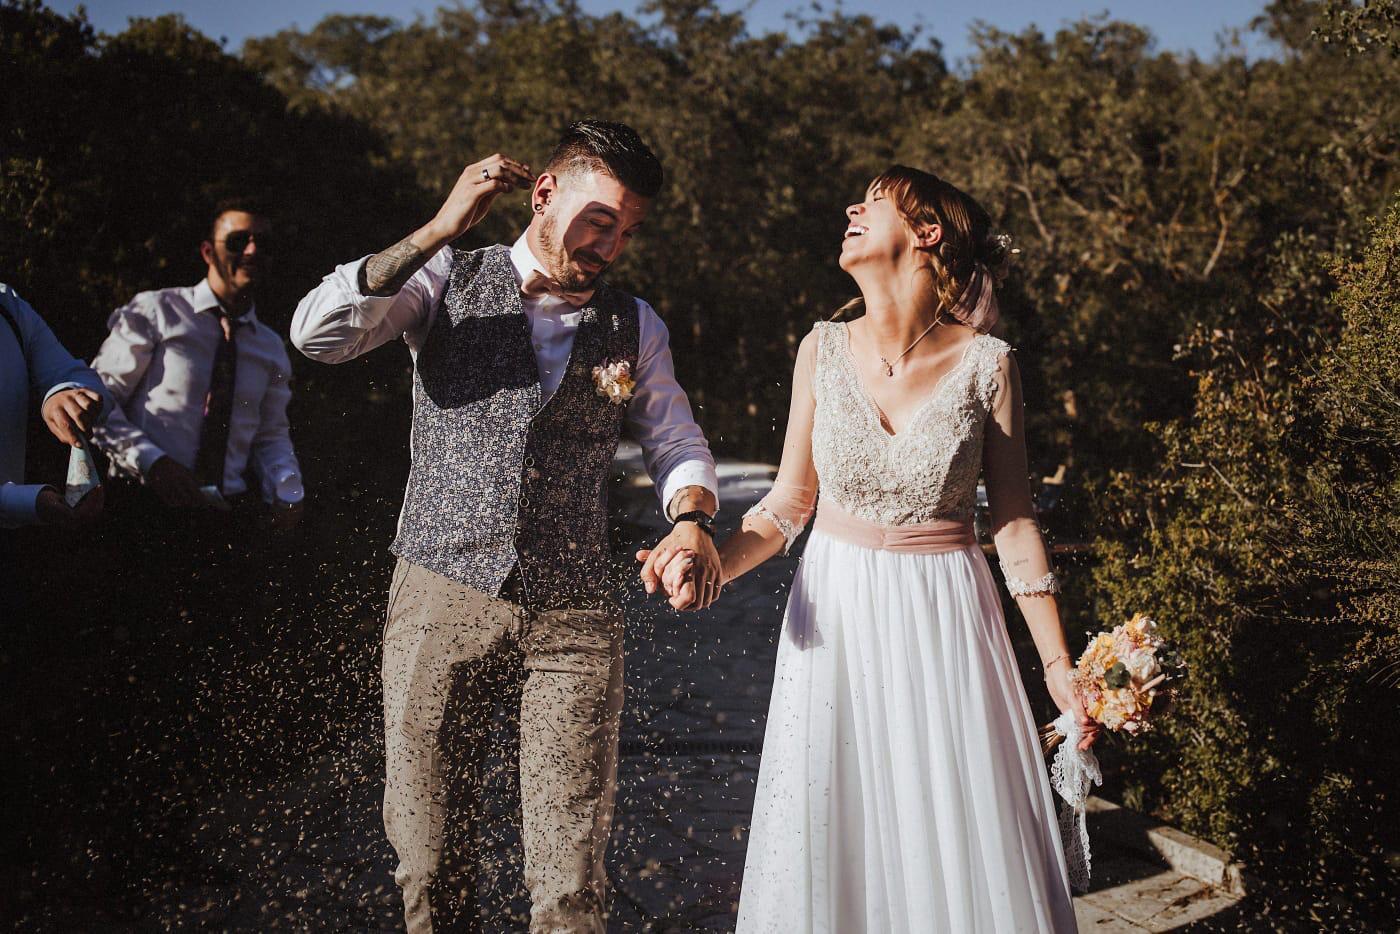 vestidos-boda-aire -libre-02